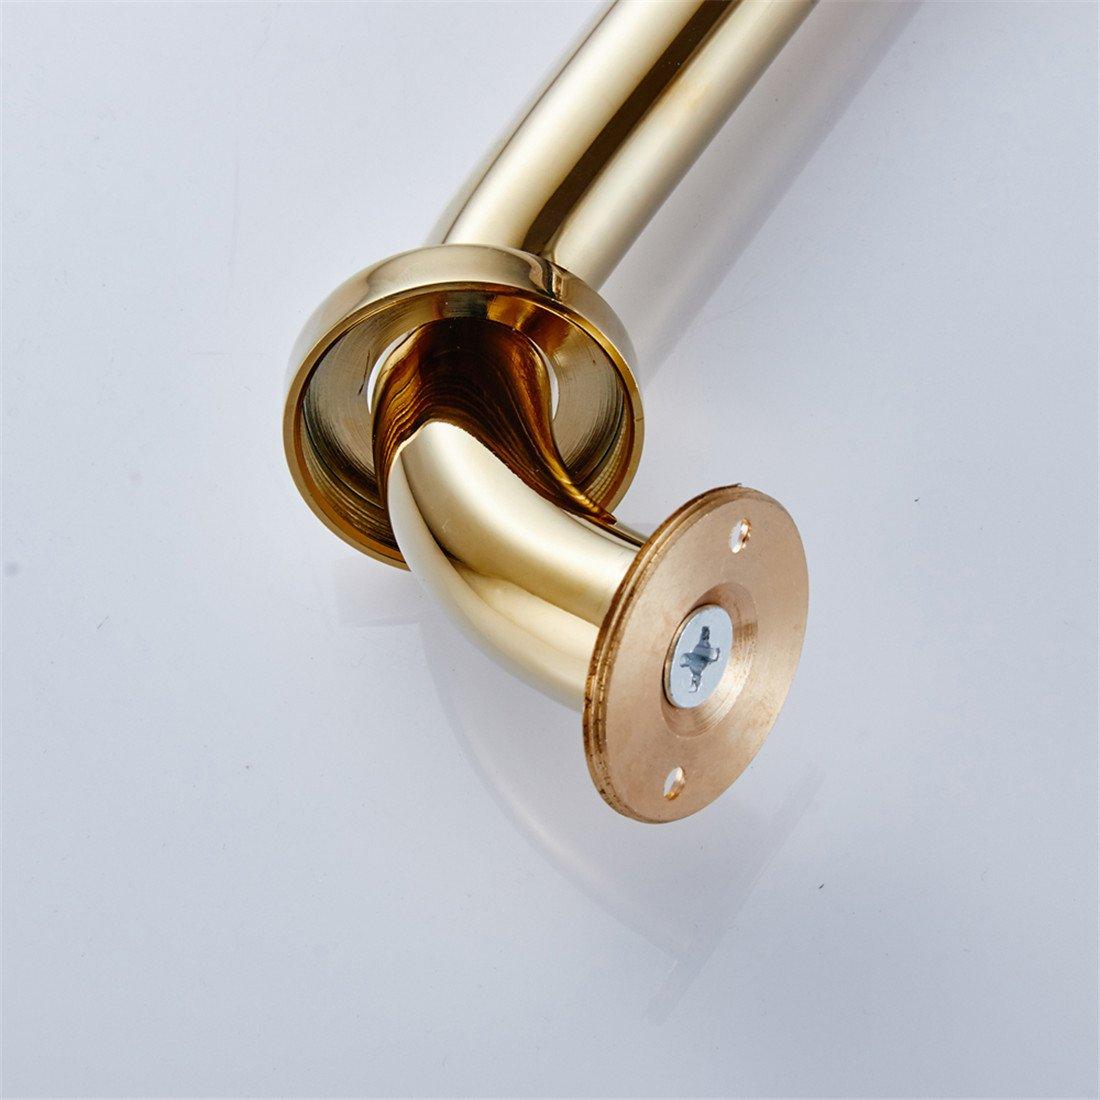 CASEWIND lat/ón s/ólido de alta calidad multifuncional ba/ño /& ducha de barra acabado en oro, montado en la pared para ba/ño Bedroon Royal 11,8/pulgadas, lat/ón, Antique Brass Finish, 11.8 inch